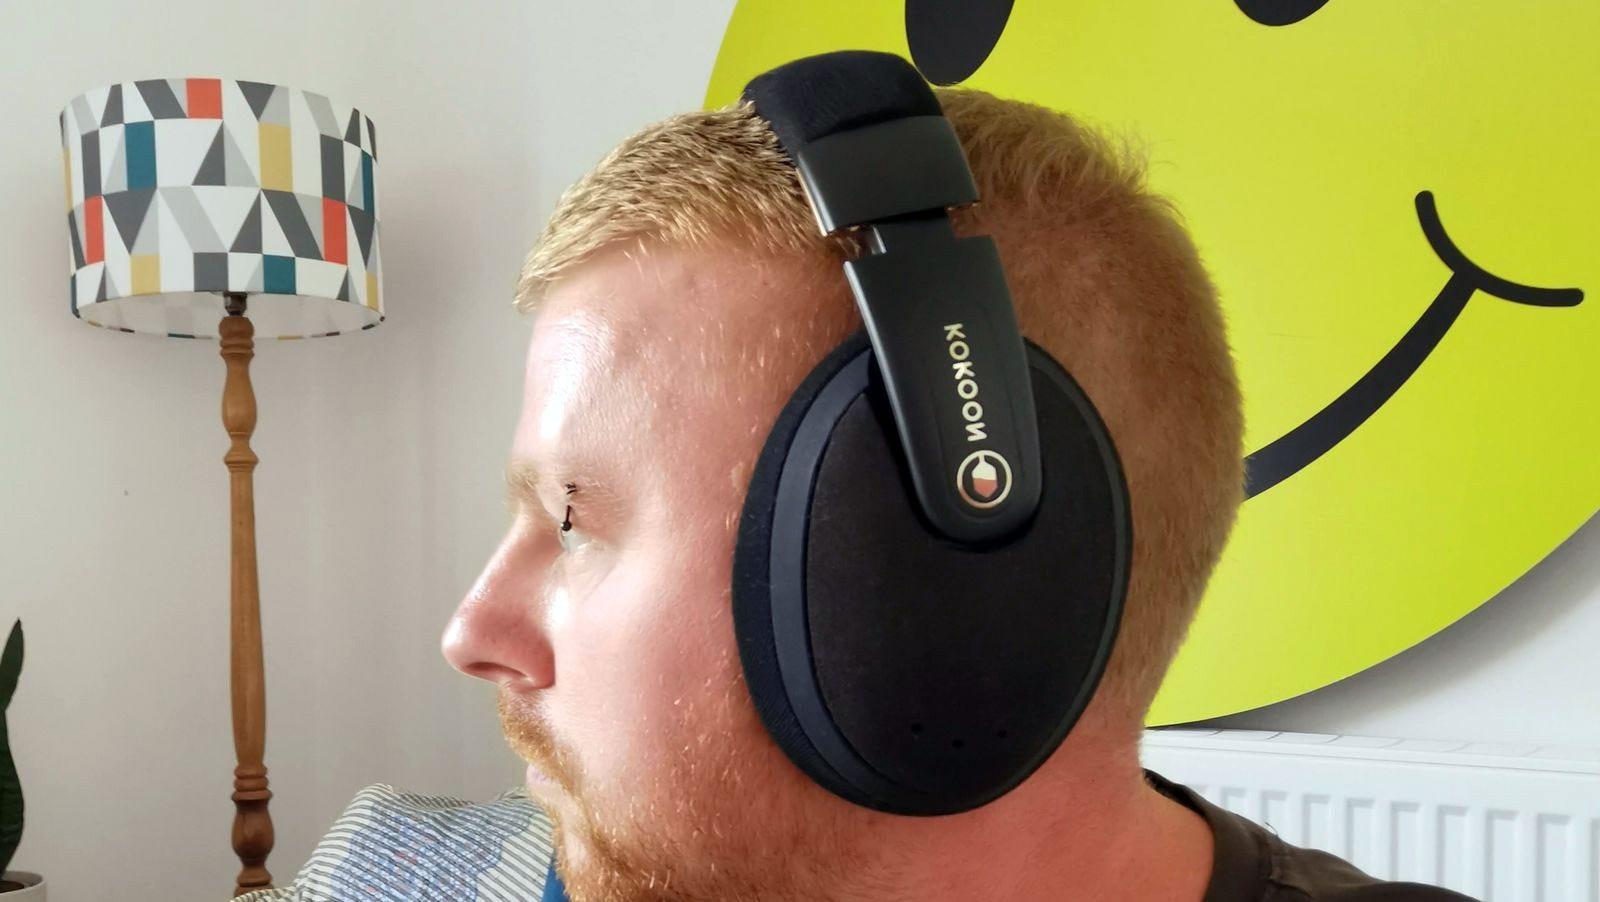 kokoon headphones in use